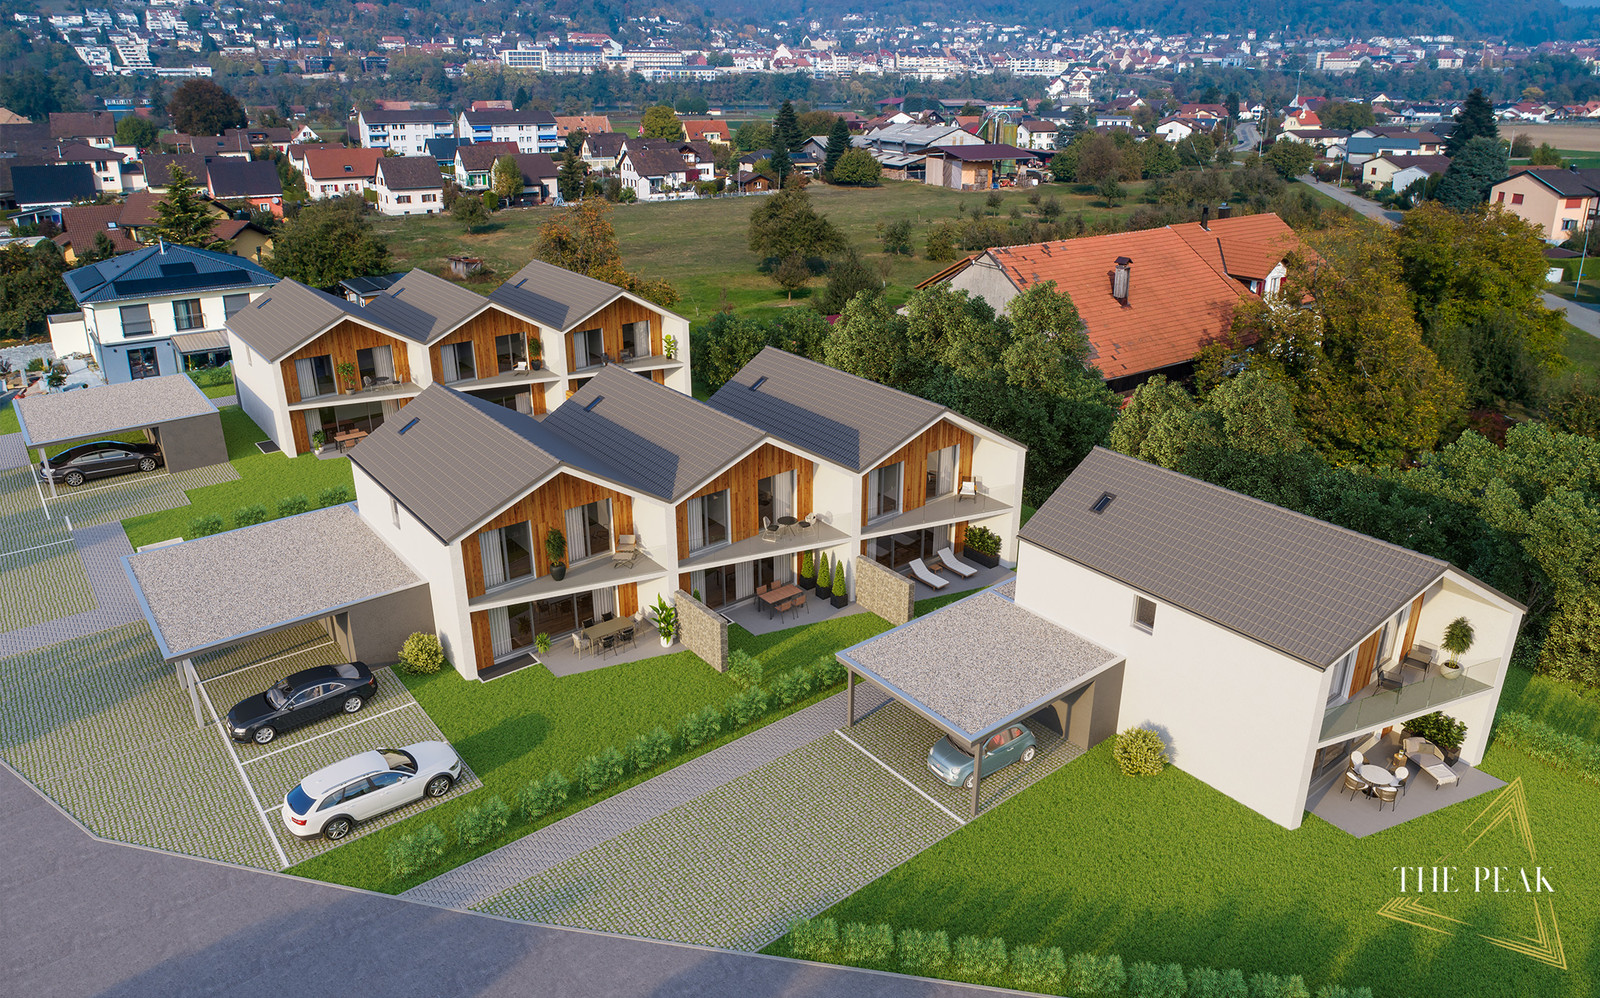 Wohnüberbauung The Peak, (Bild: Mowe House GmbH)